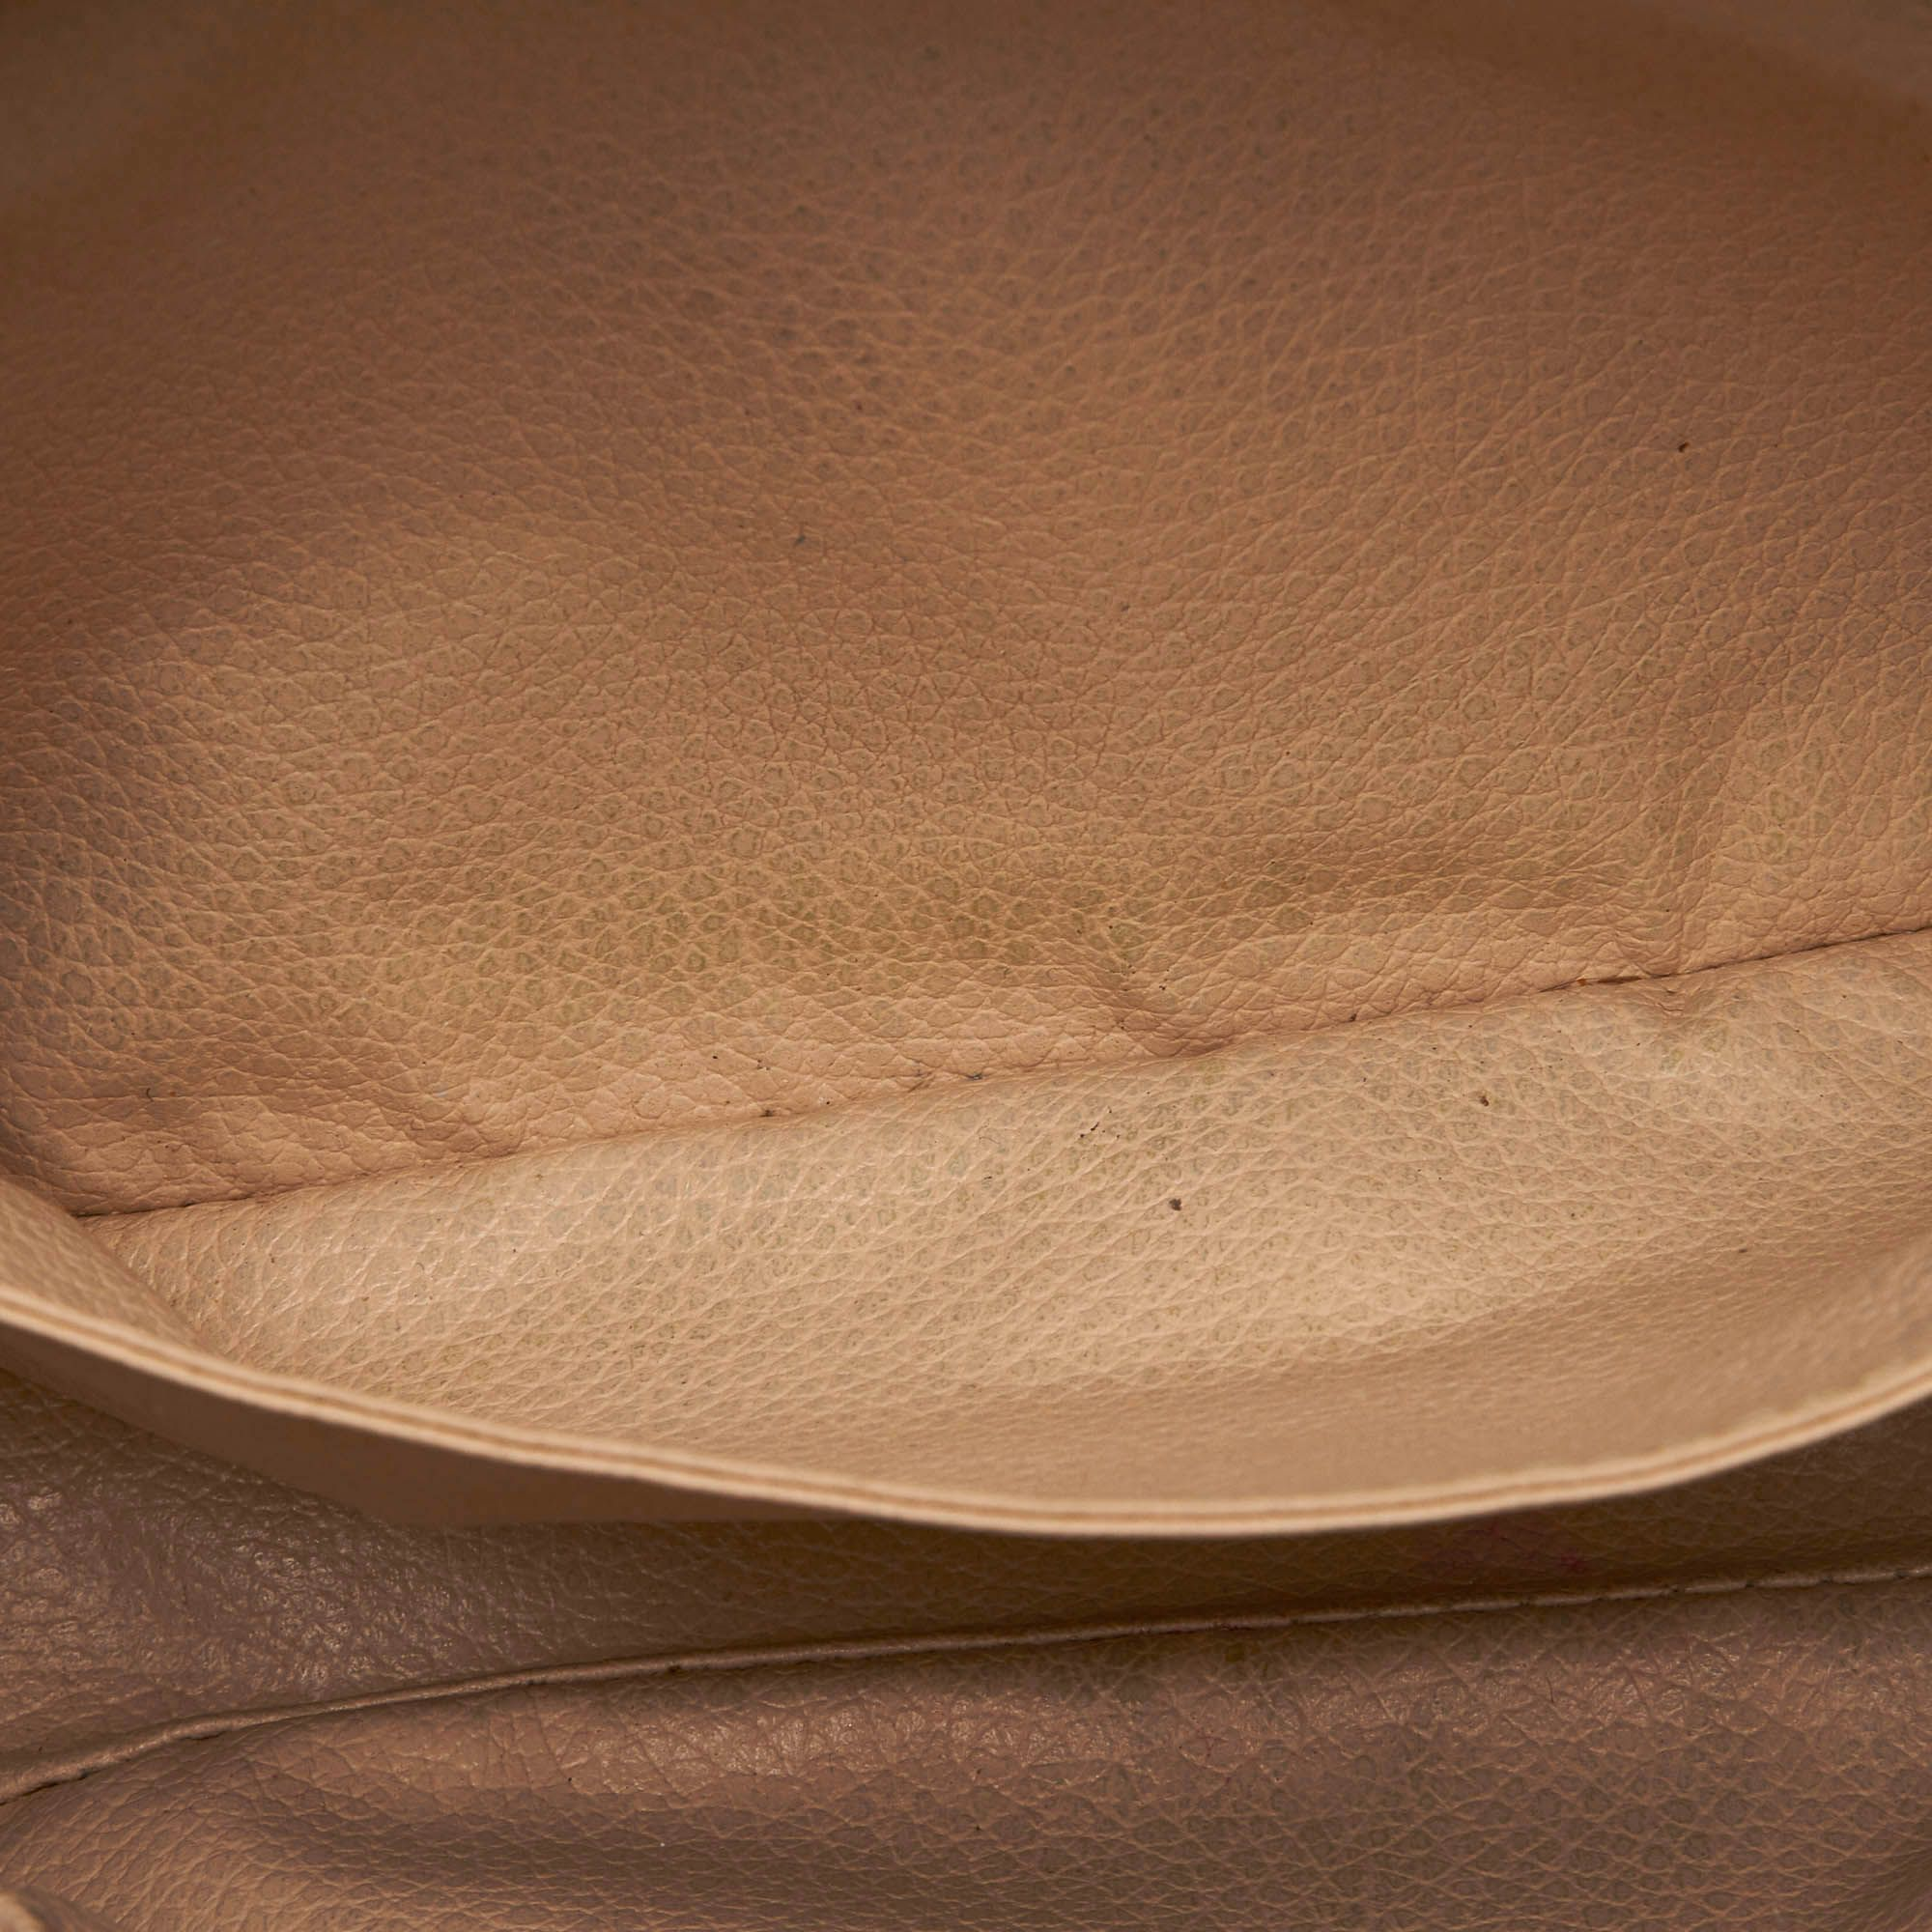 Vintage Louis Vuitton Monogram Trousse Toilette 23 Brown